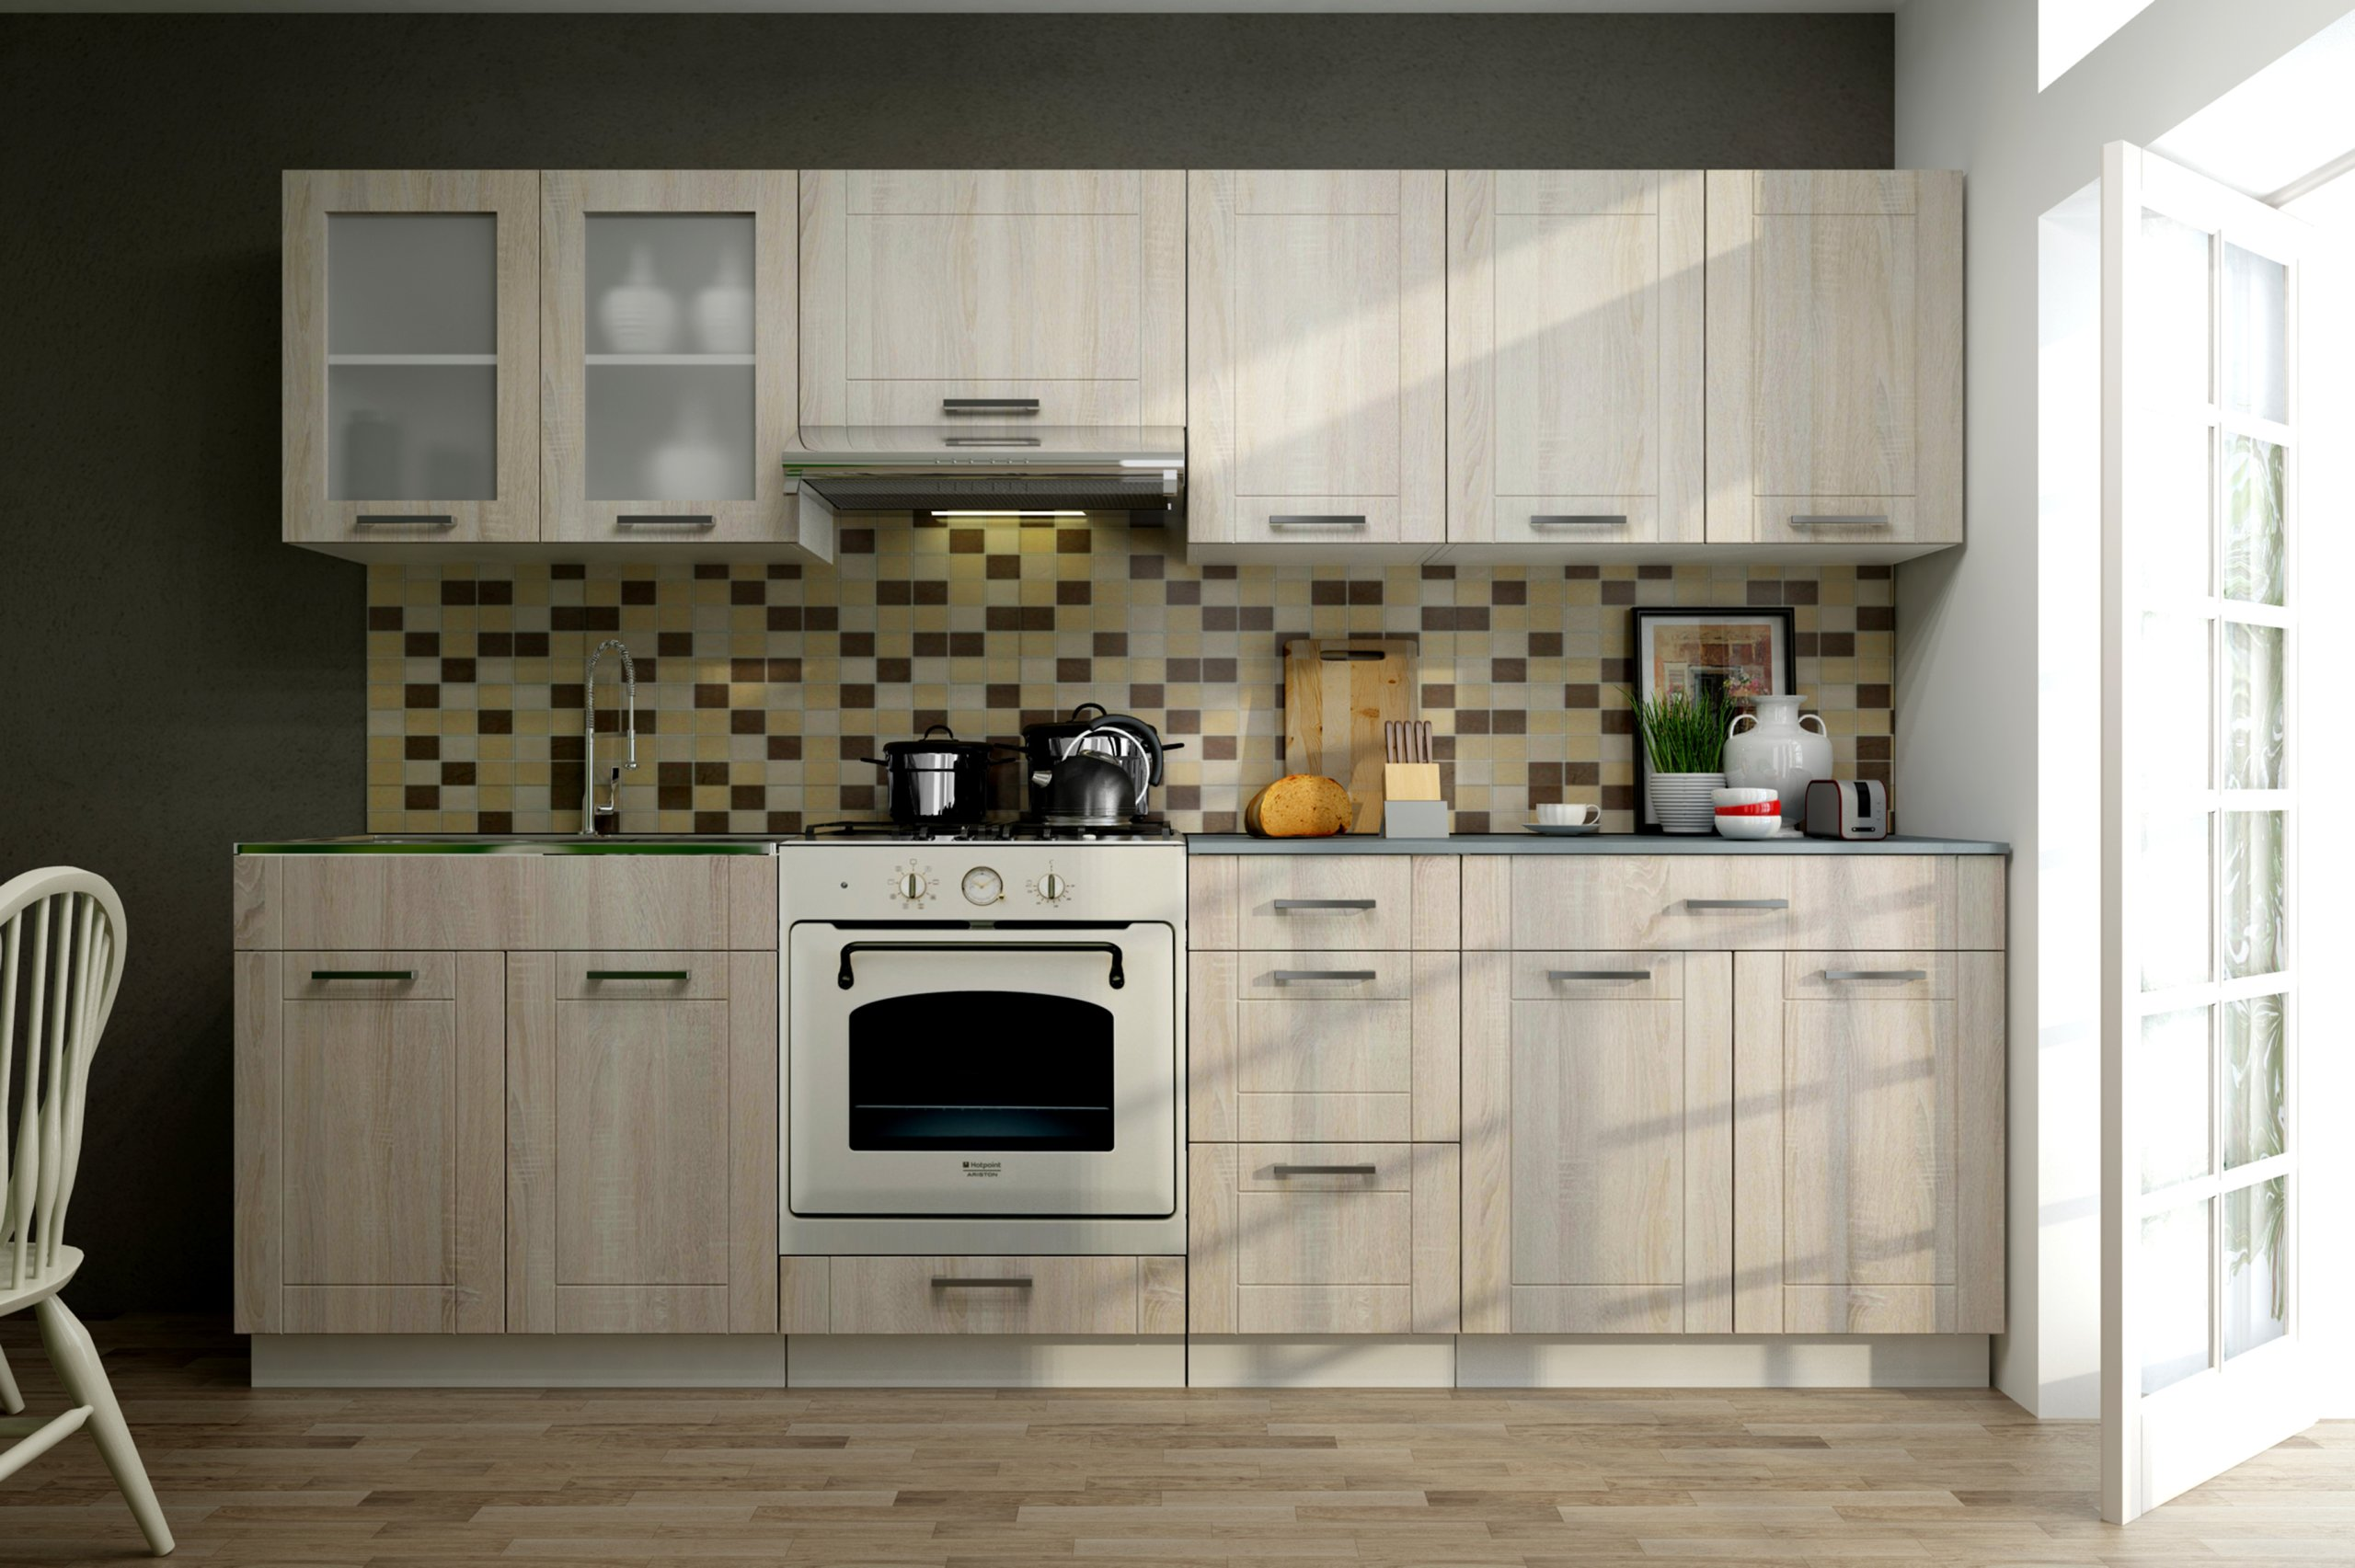 Kuchynský nábytok, kuchyne MONICA 2,6 m kuchynskej linky